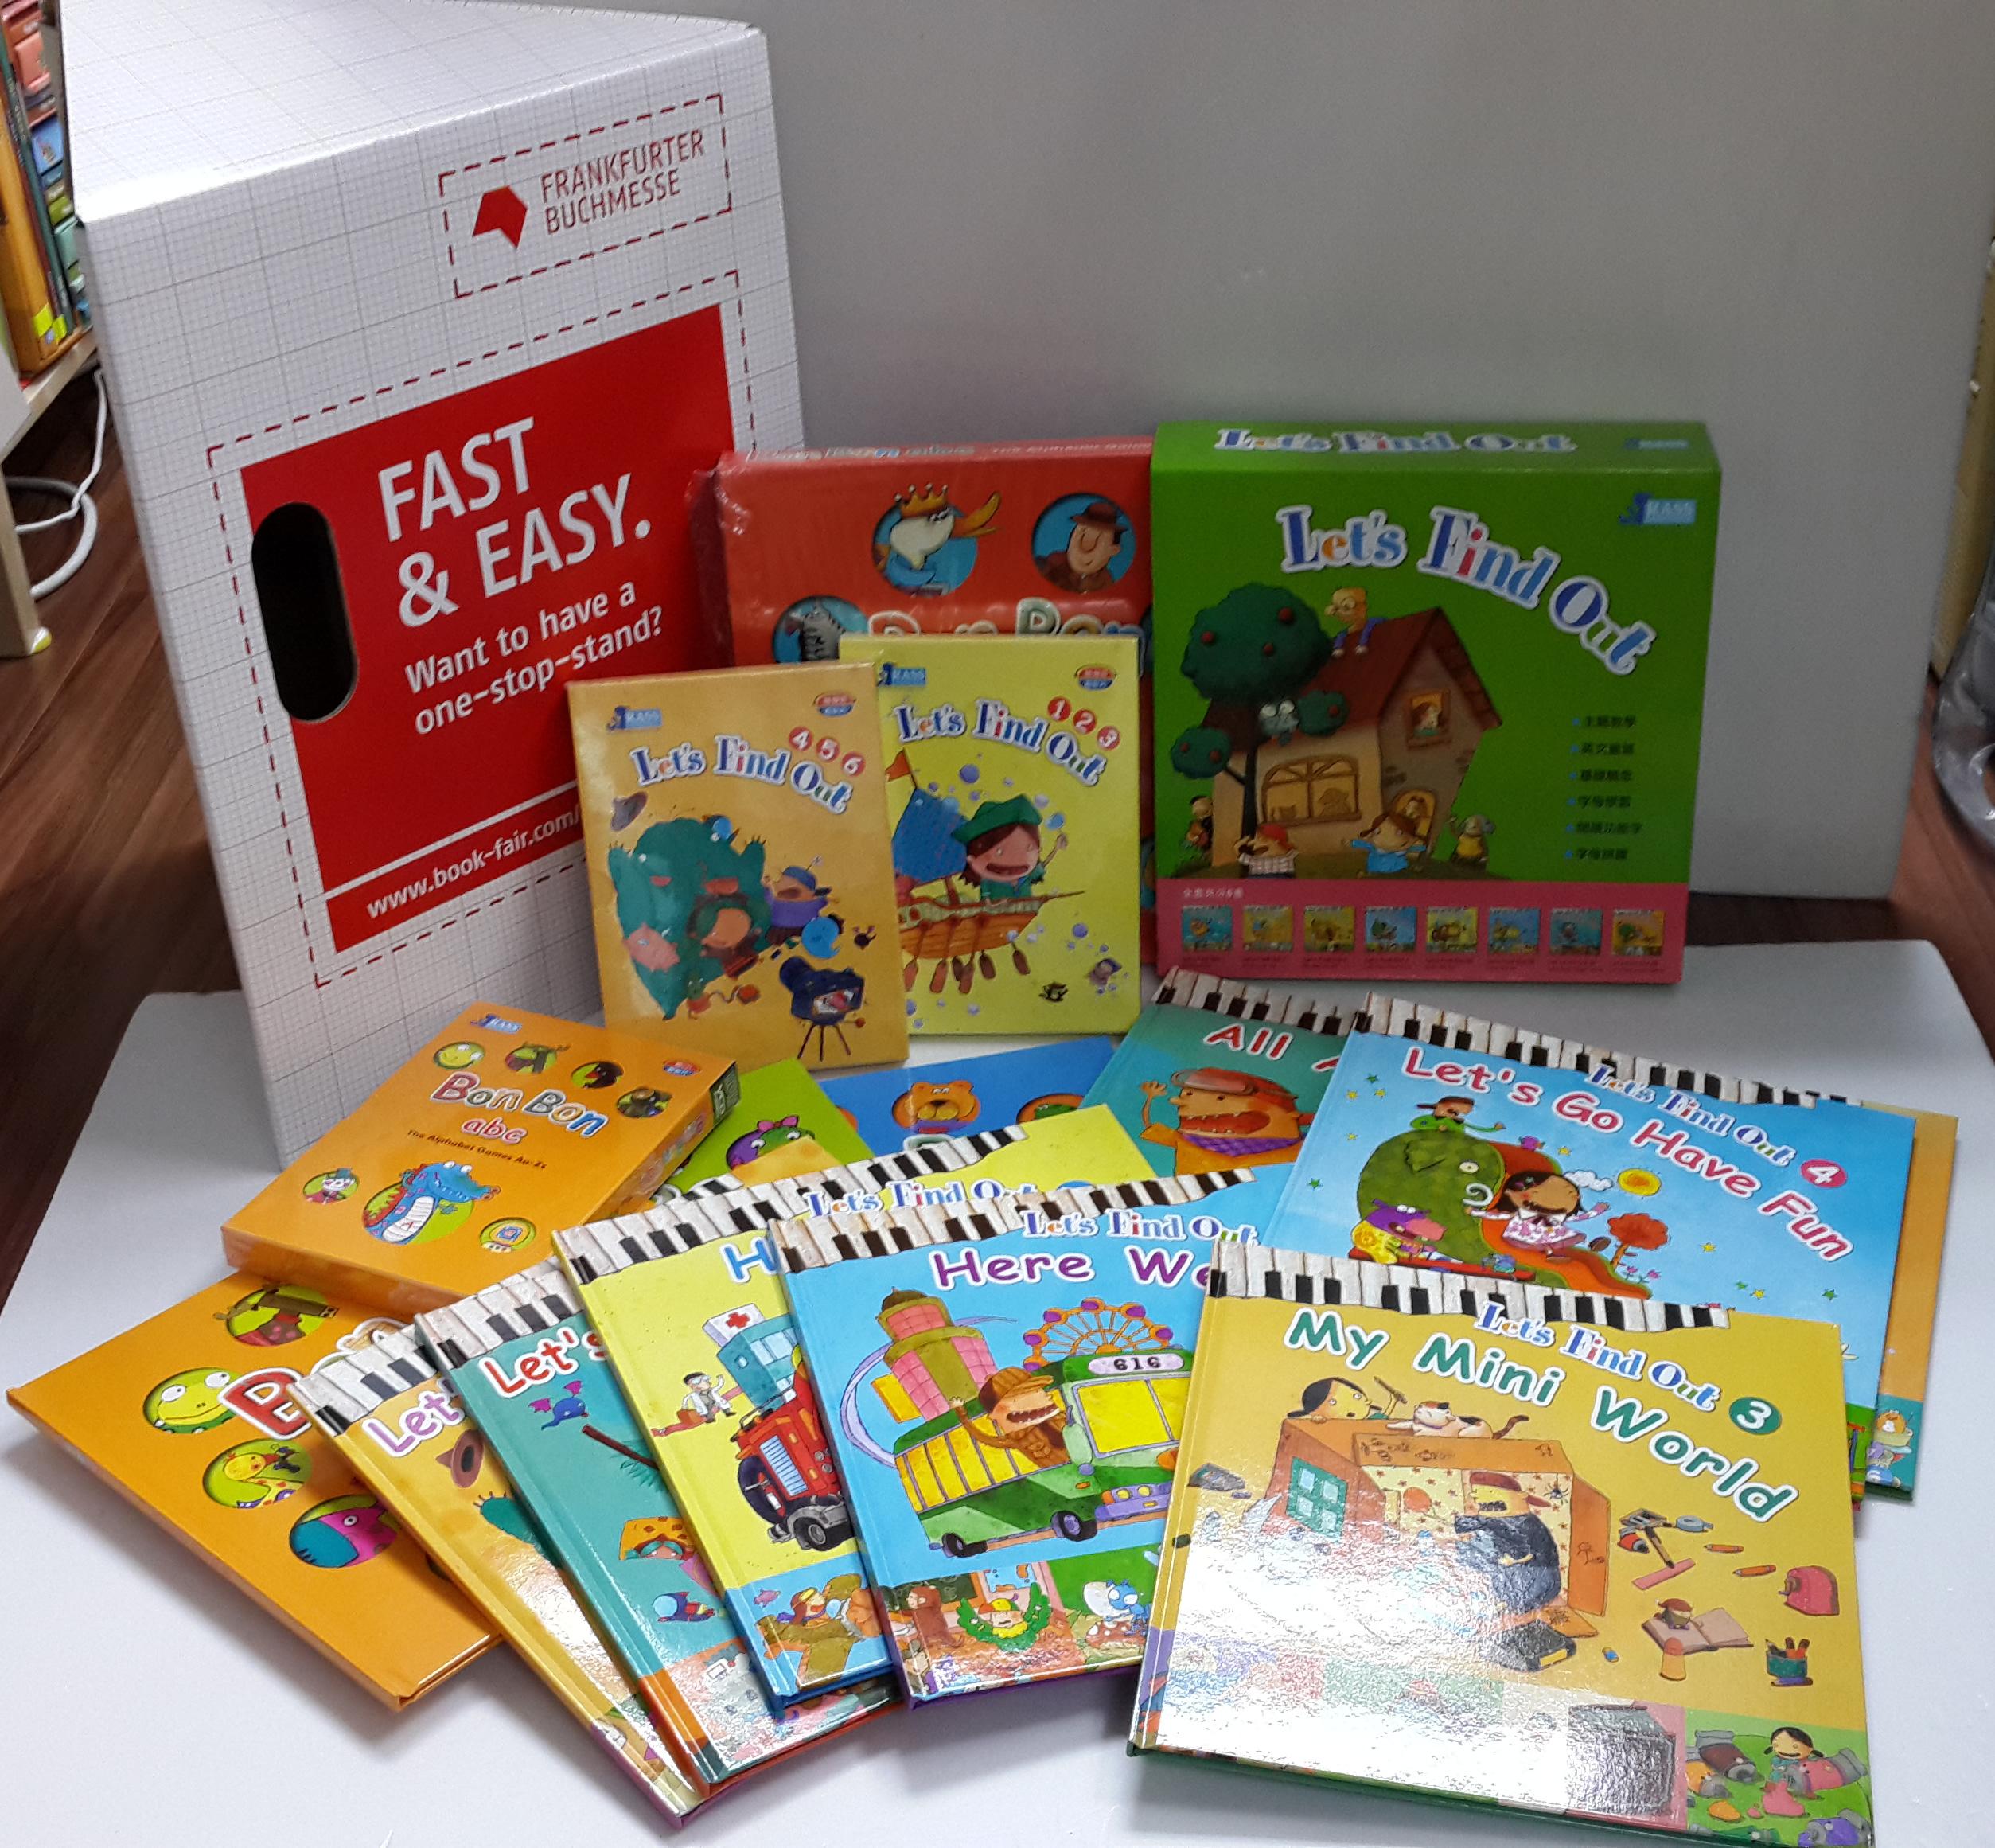 以$2650購買Let's Find out + Bon Bon Abc (11Books + 6DVD +1VCD +1CD ) (英文 / 普通話雙語點讀圖書 ) (原價$2750 ) !! 住宅及工商送貨